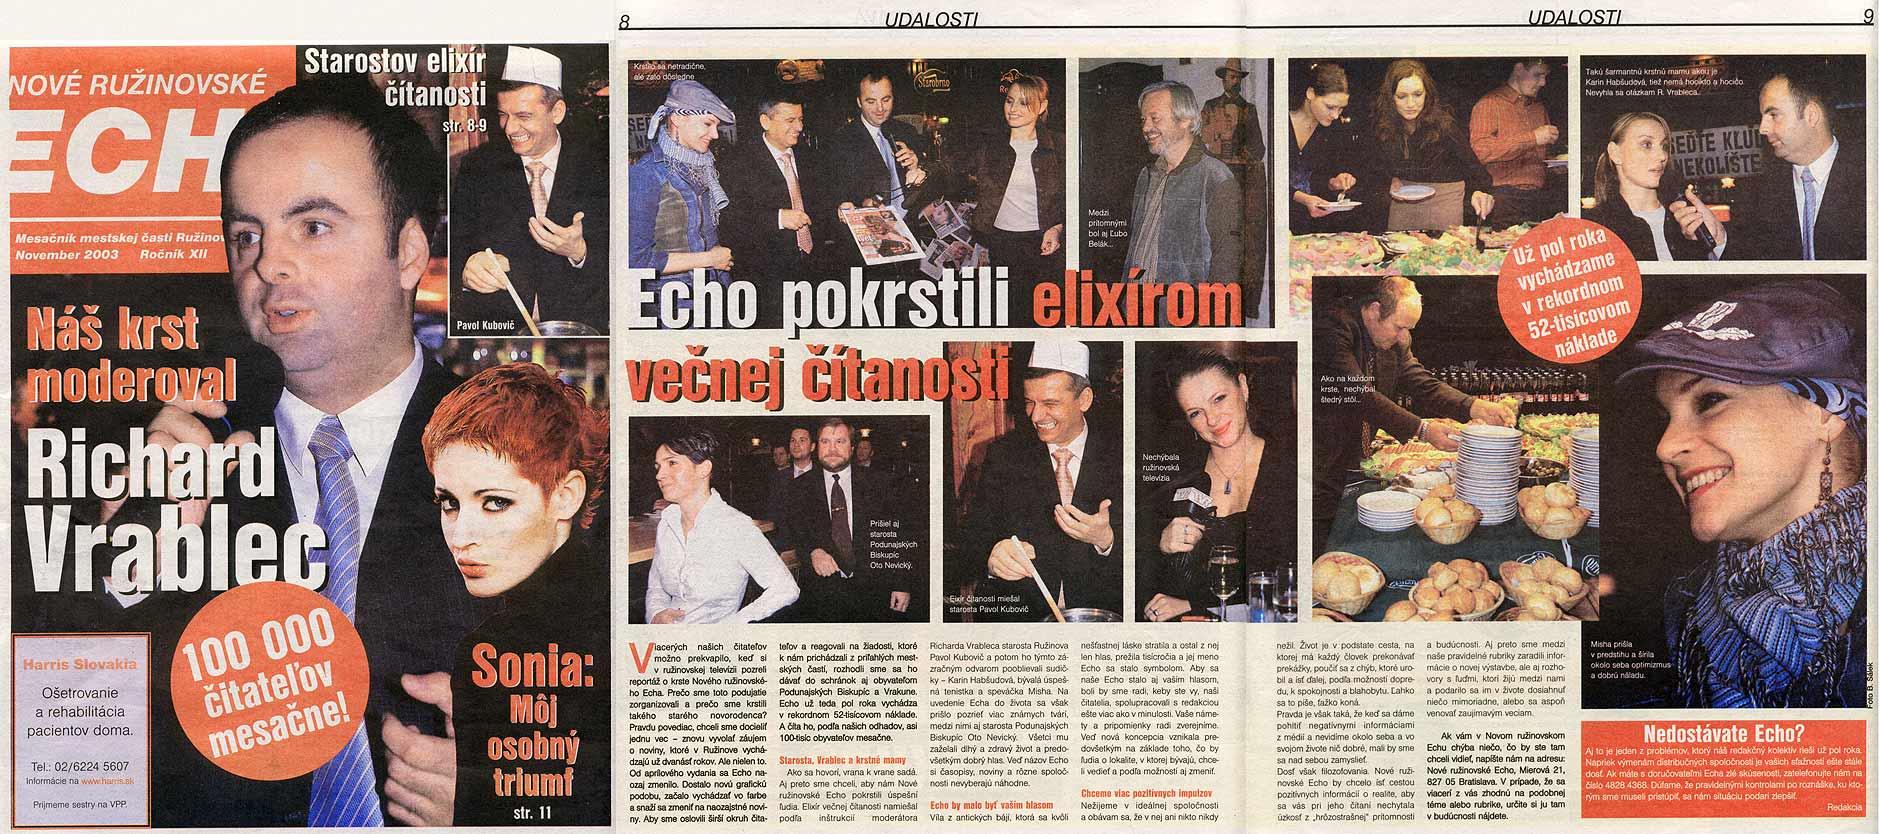 Ružinovské ECHO November 2003: Echo pokrstili elixírom večnej čítanosti